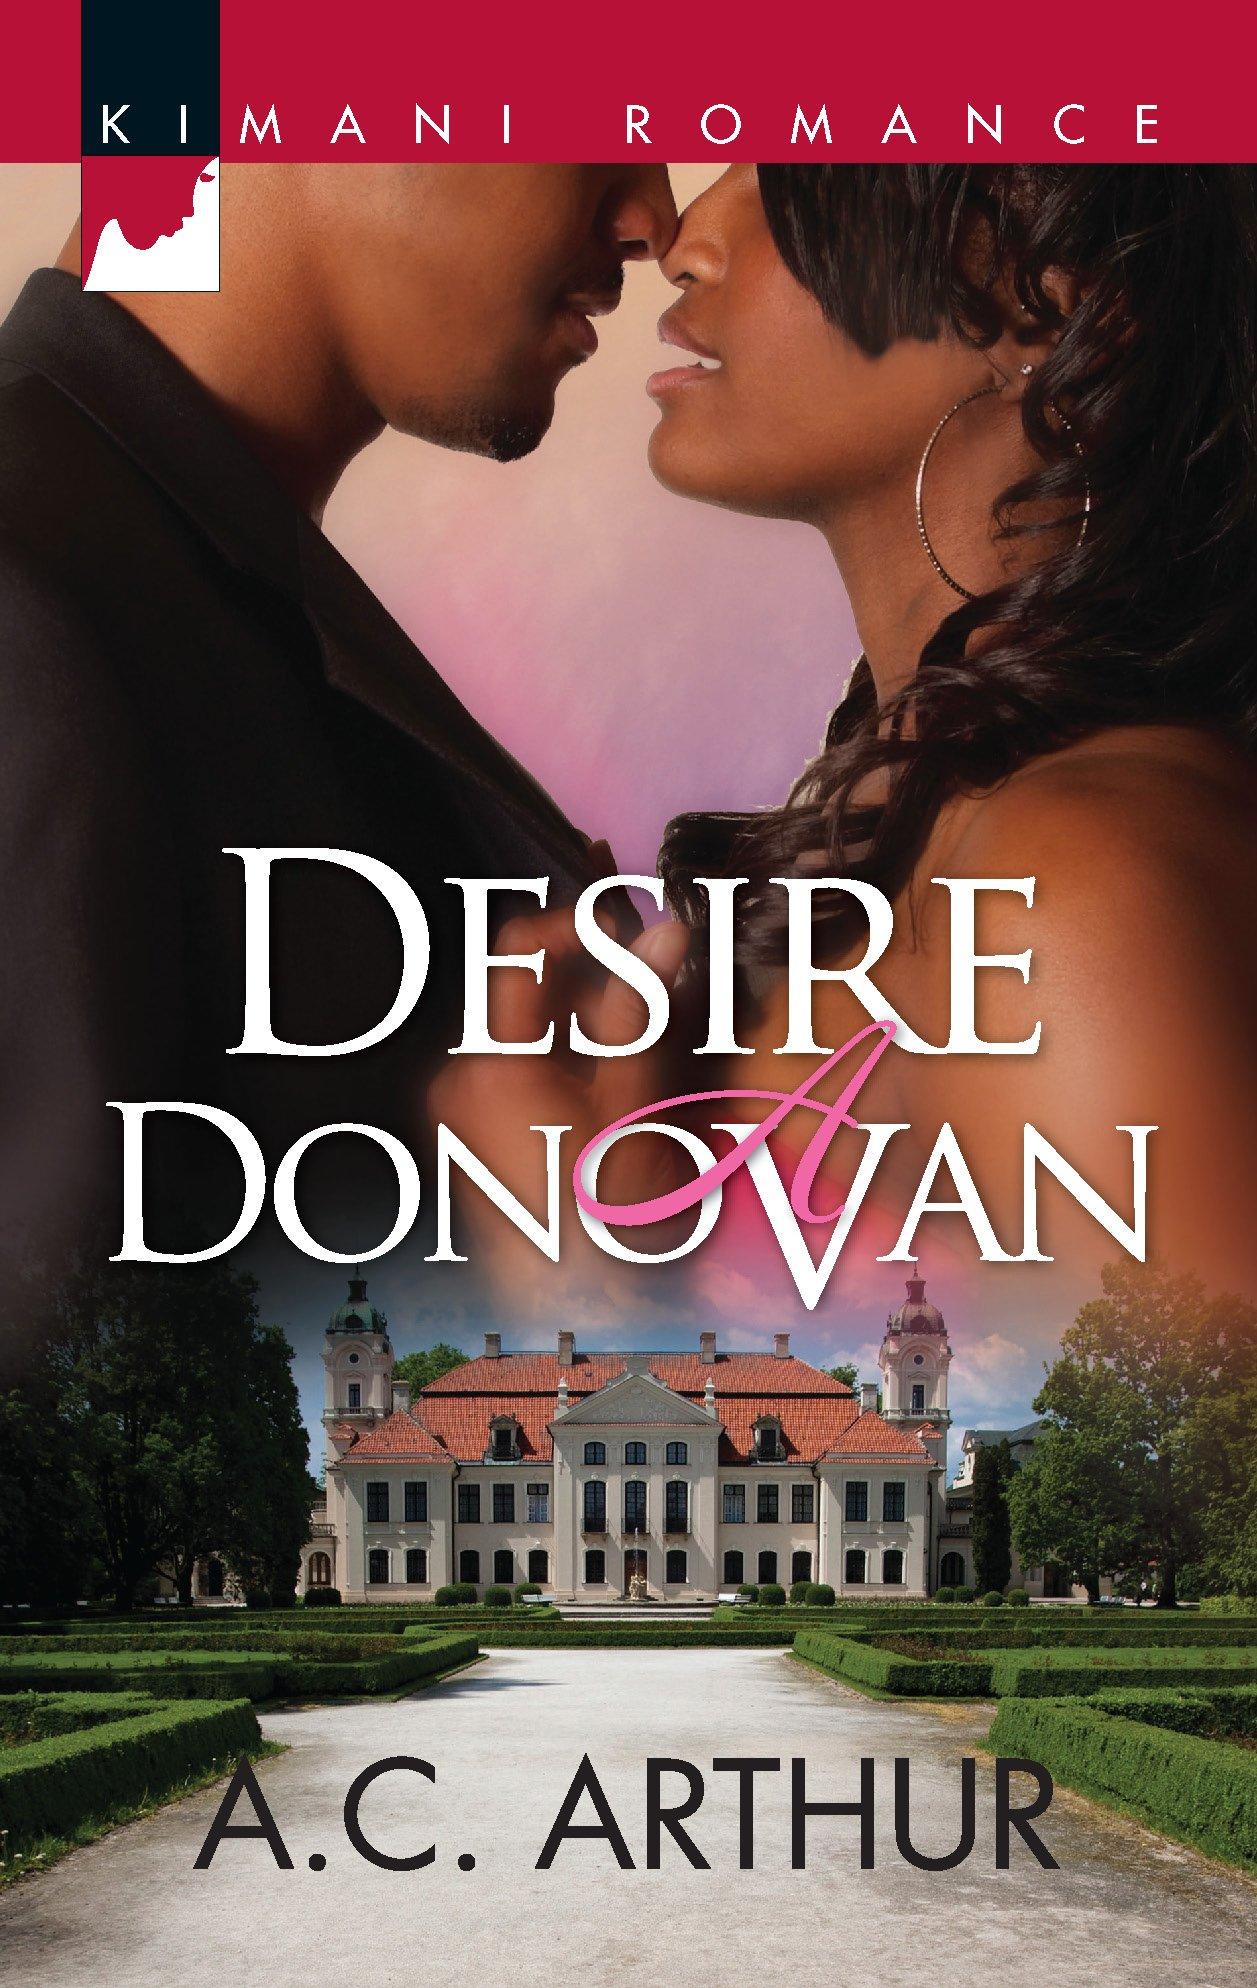 Amazon.com: Desire a Donovan (The Donovans) (9780373862627): A.C. Arthur:  Books